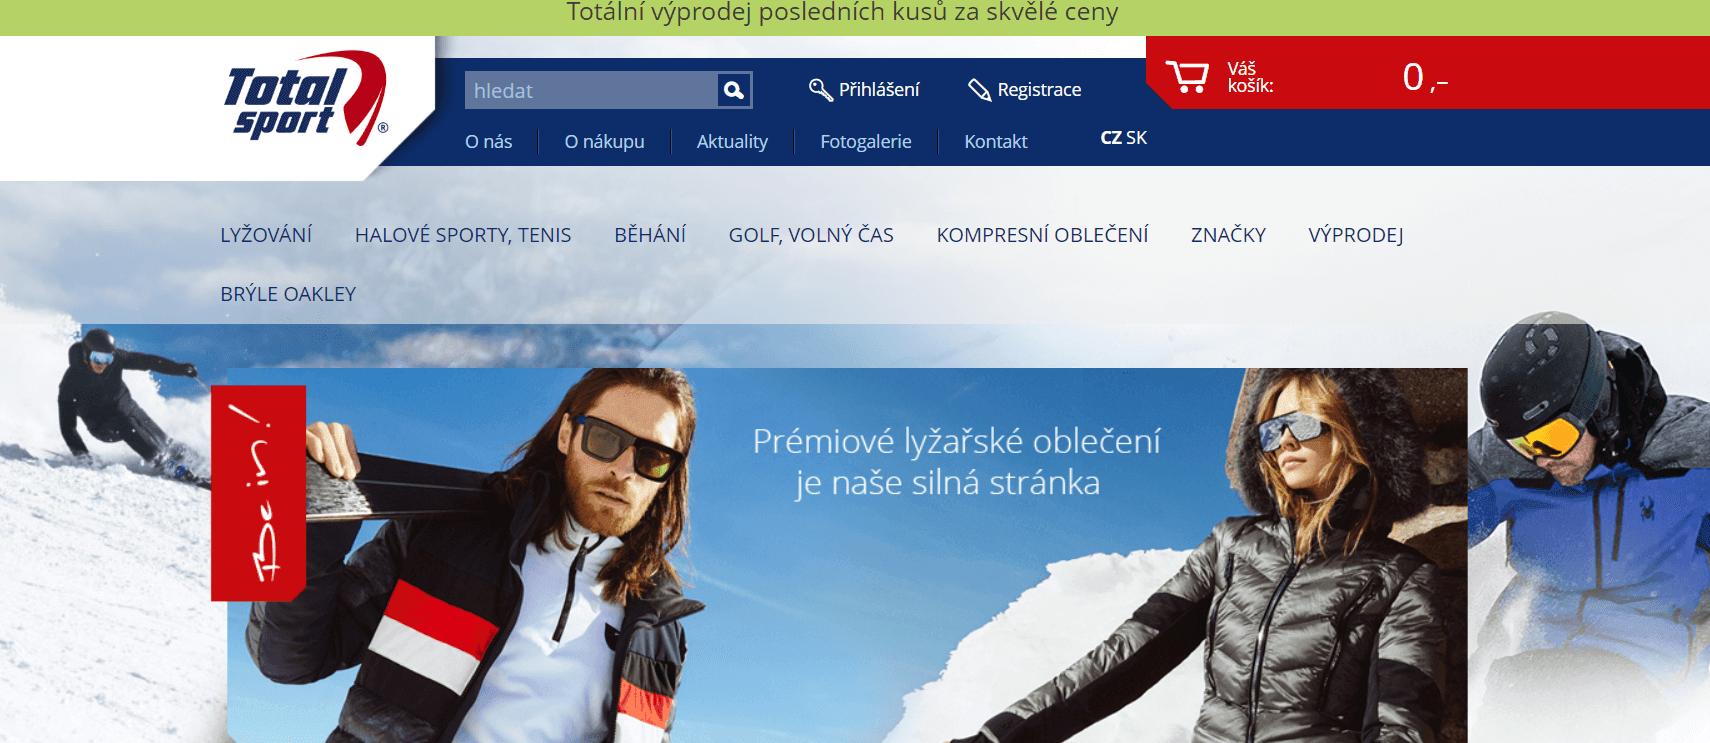 Купівля на Total Sport з доставкою в Україну - myMeest - 2